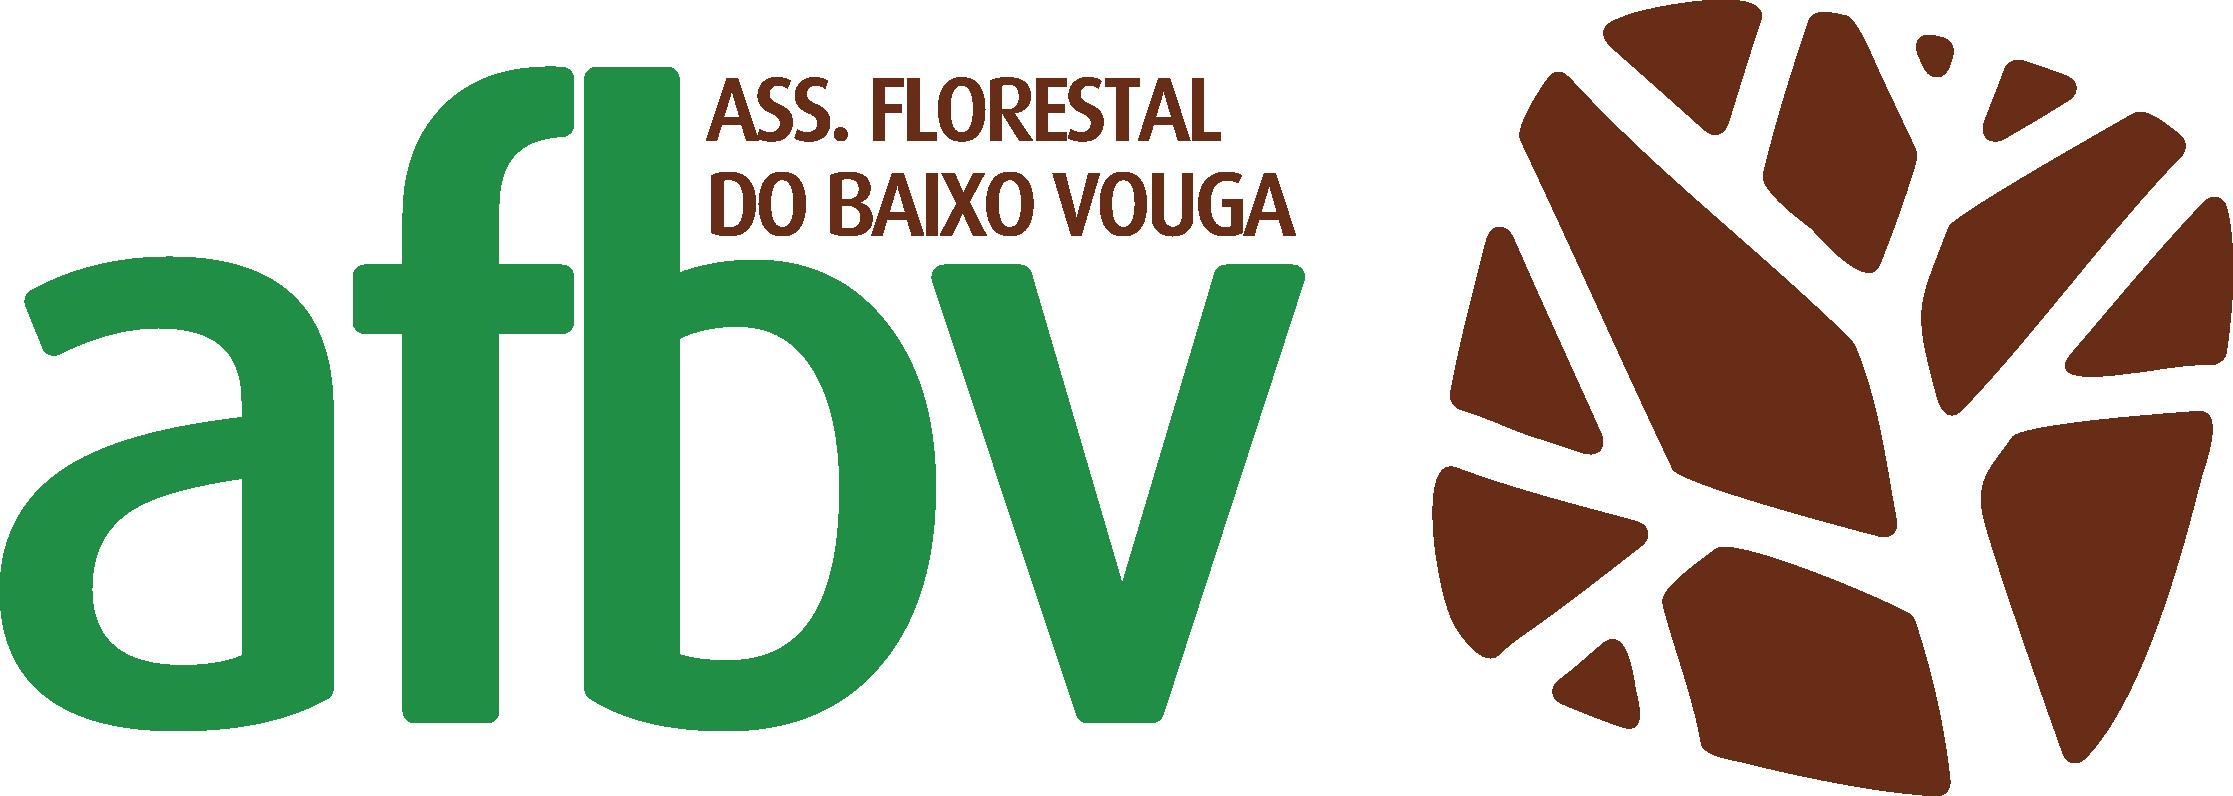 Associação Florestal do Baixo Vouga